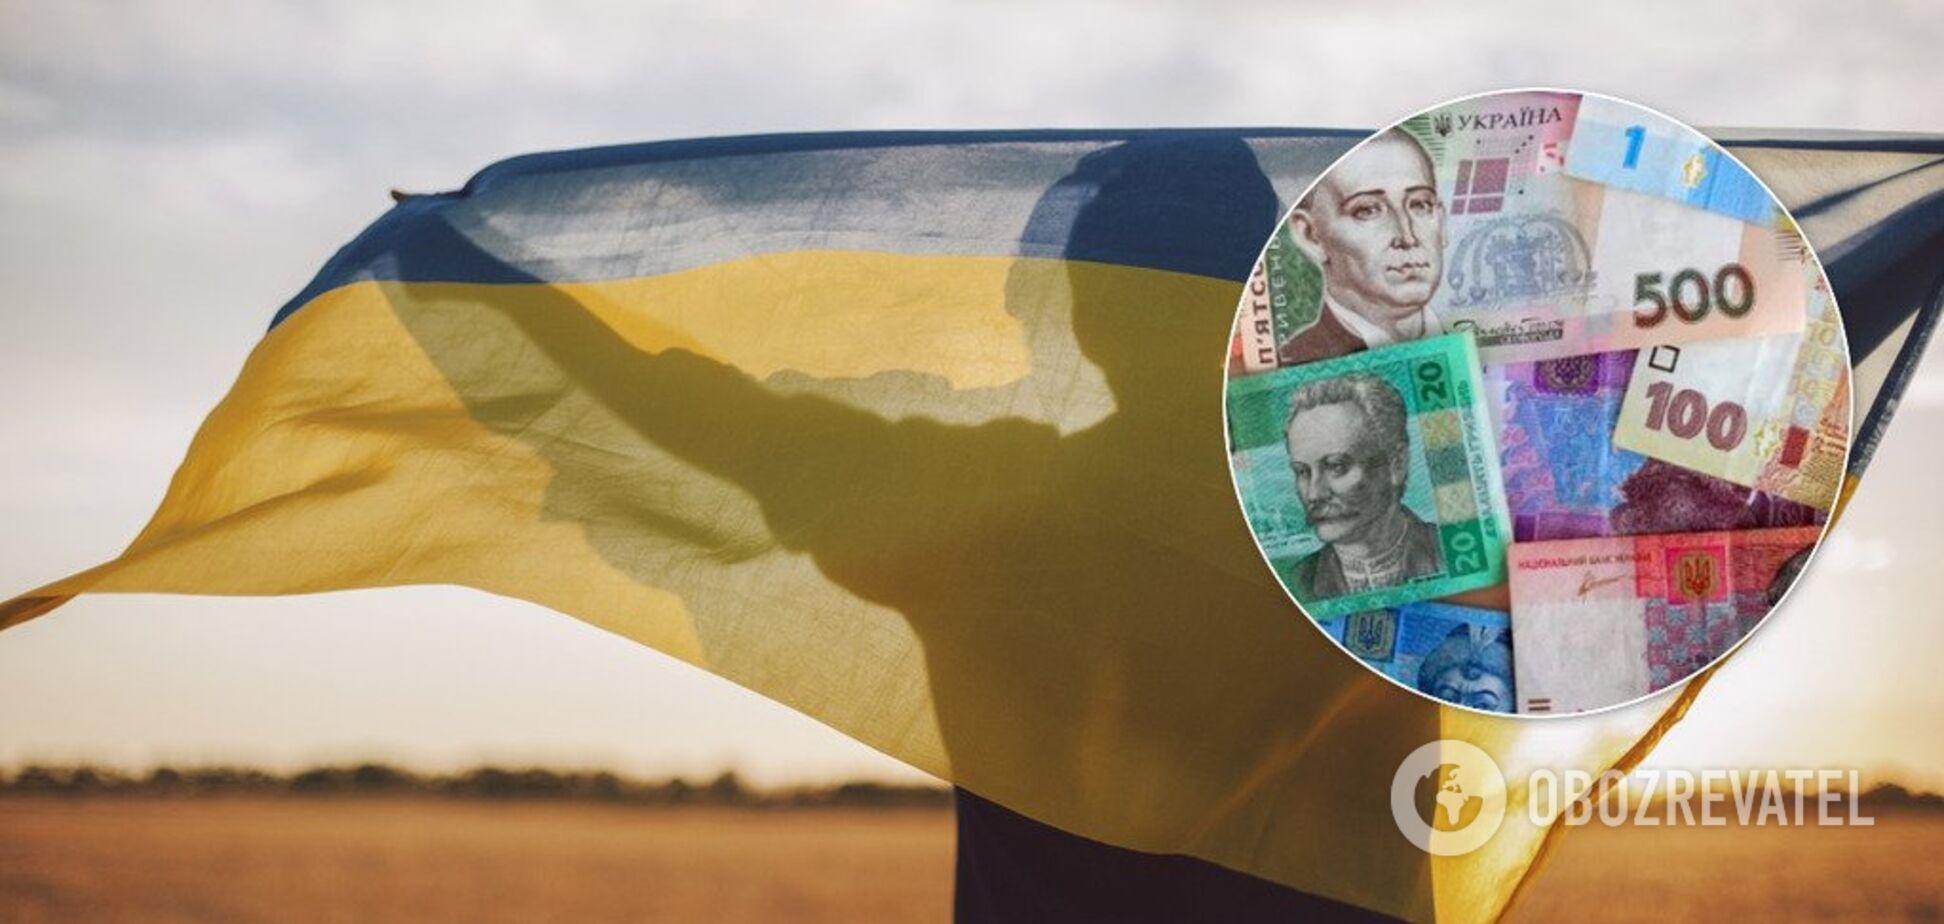 Украина заняла последнее место в Европе по уровню платежеспособности населения